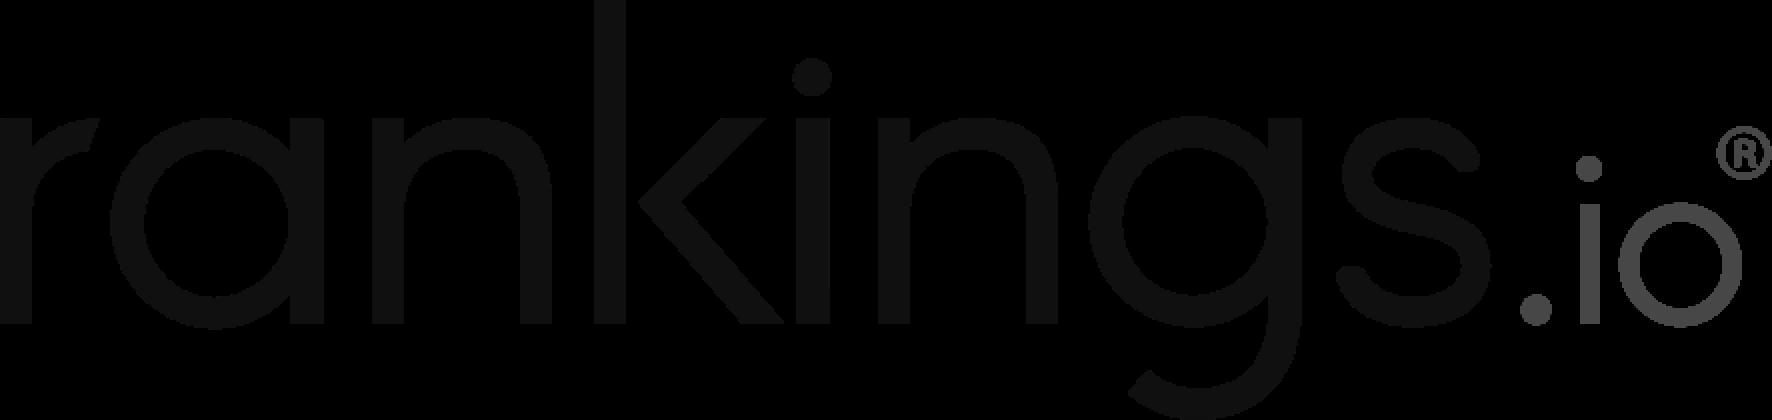 new-ranking-logo-white BW